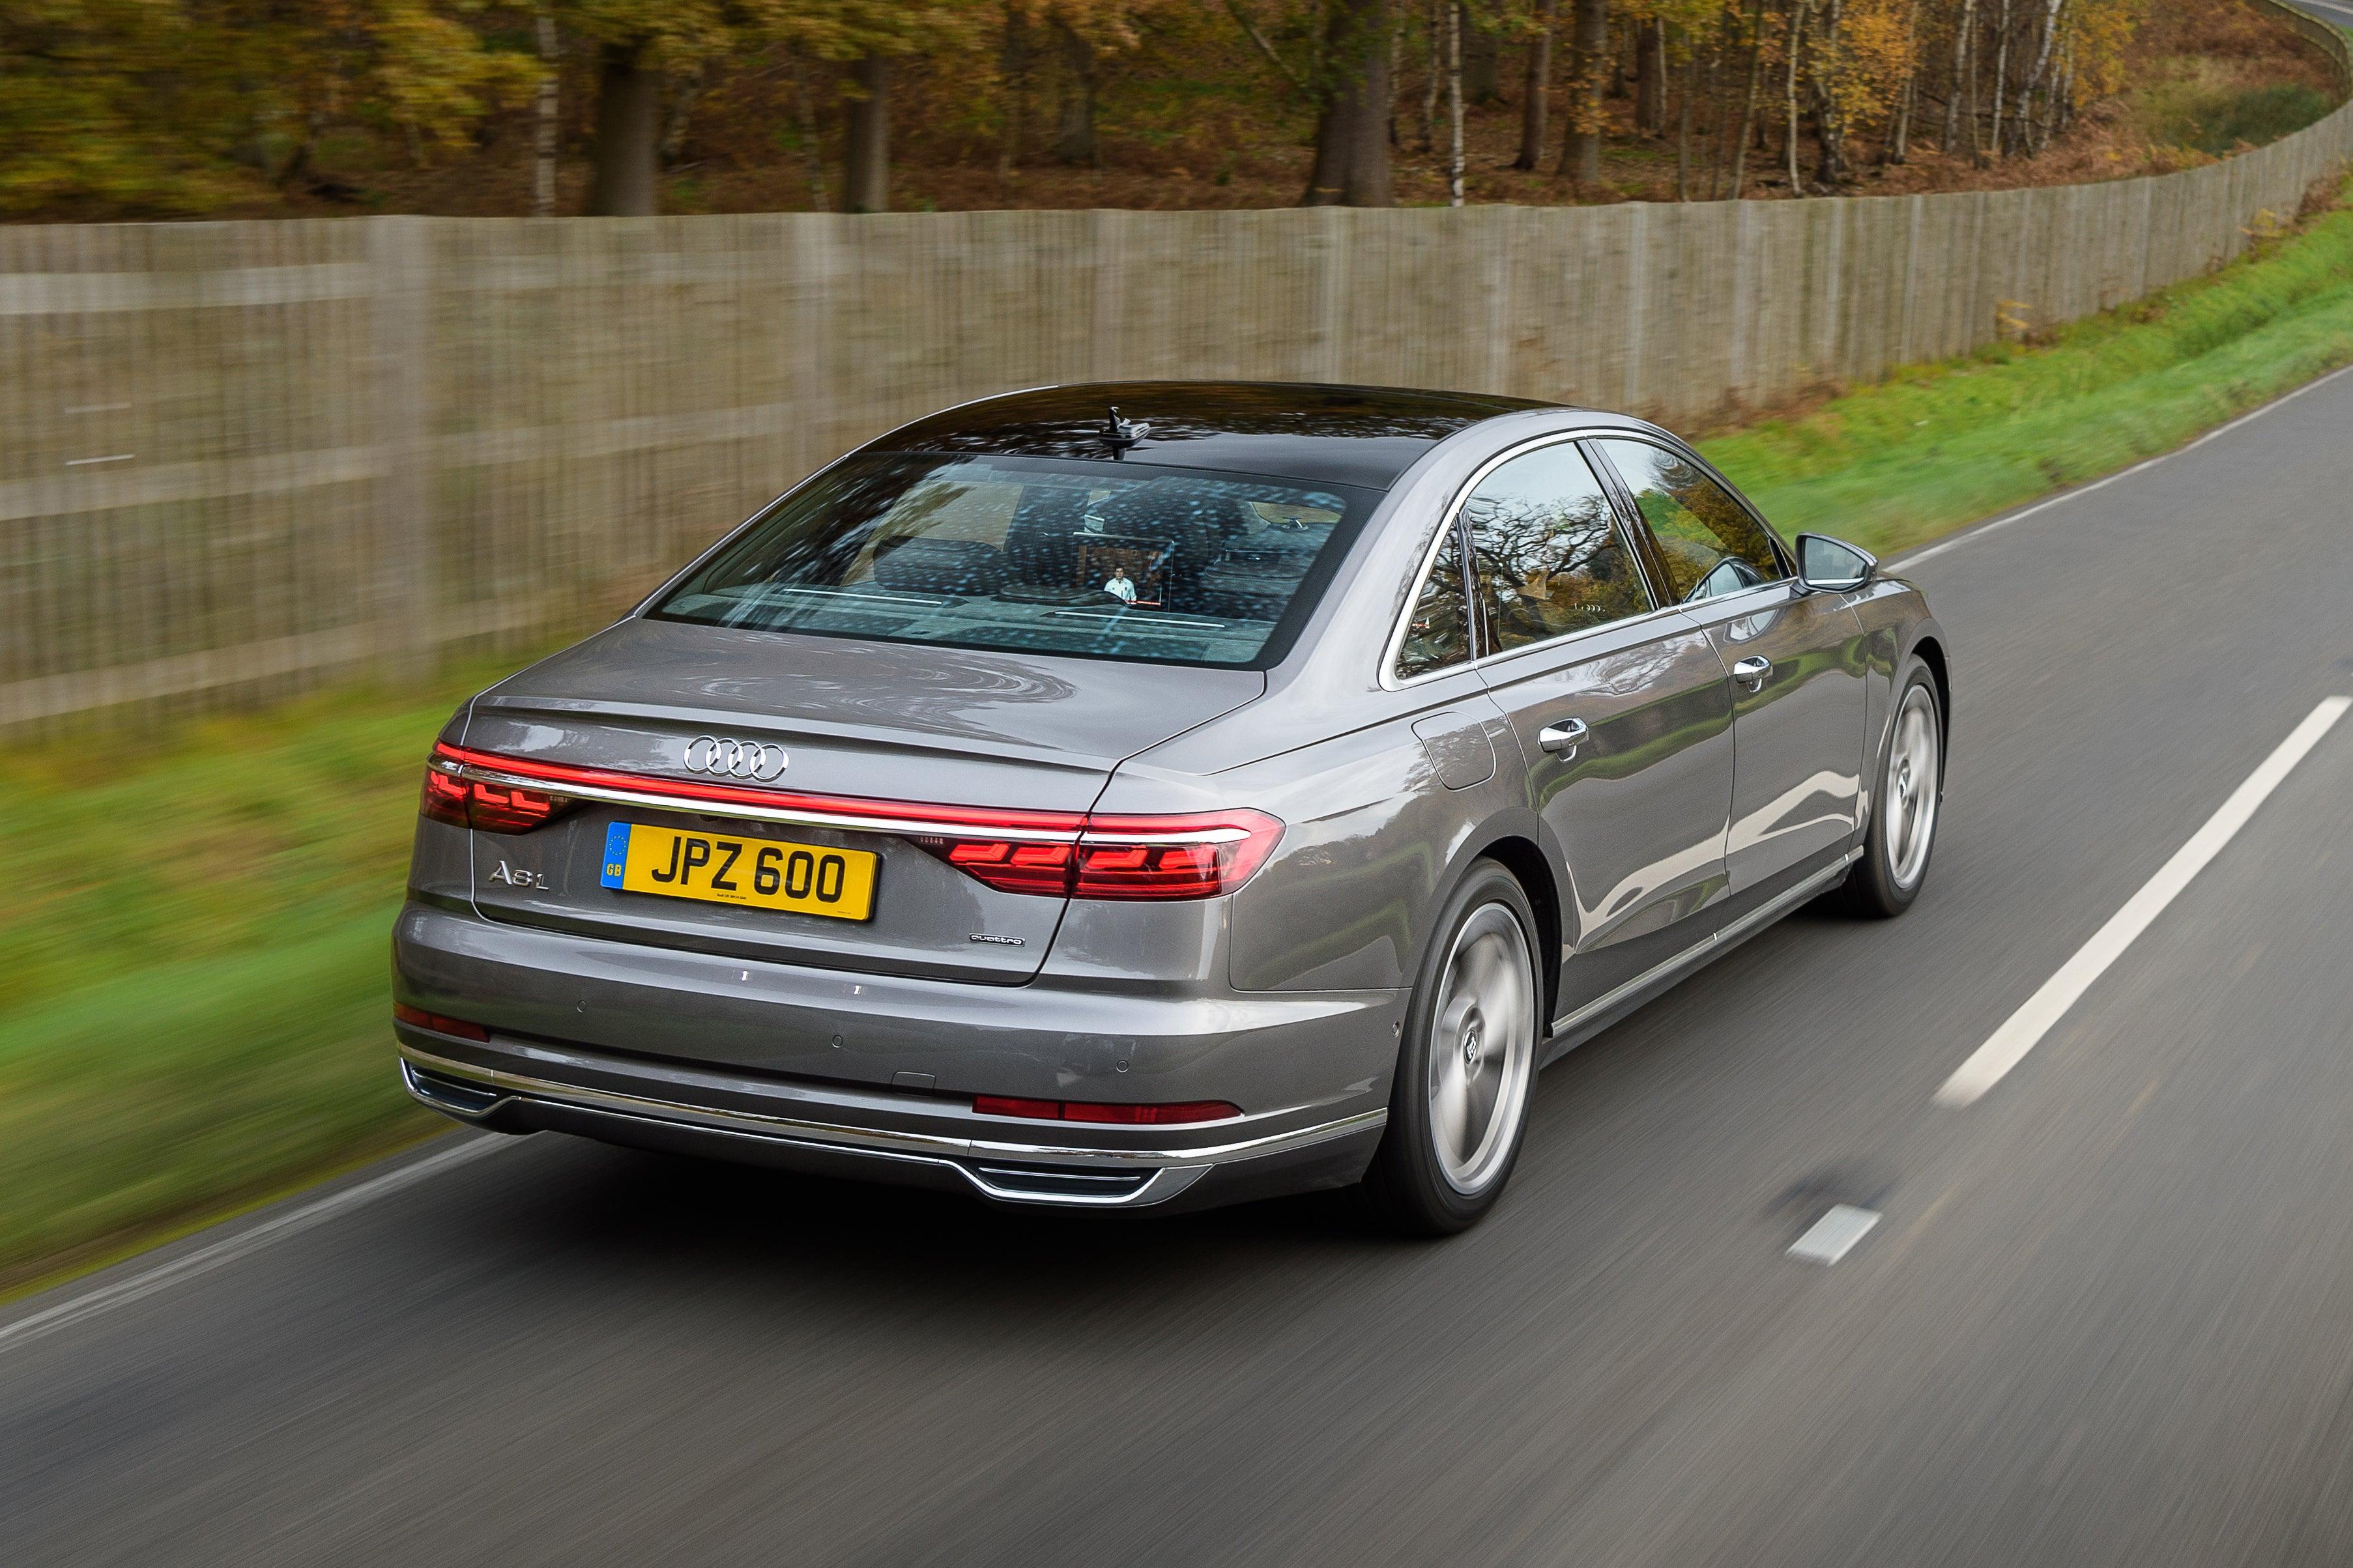 Audi A8 Driving Back